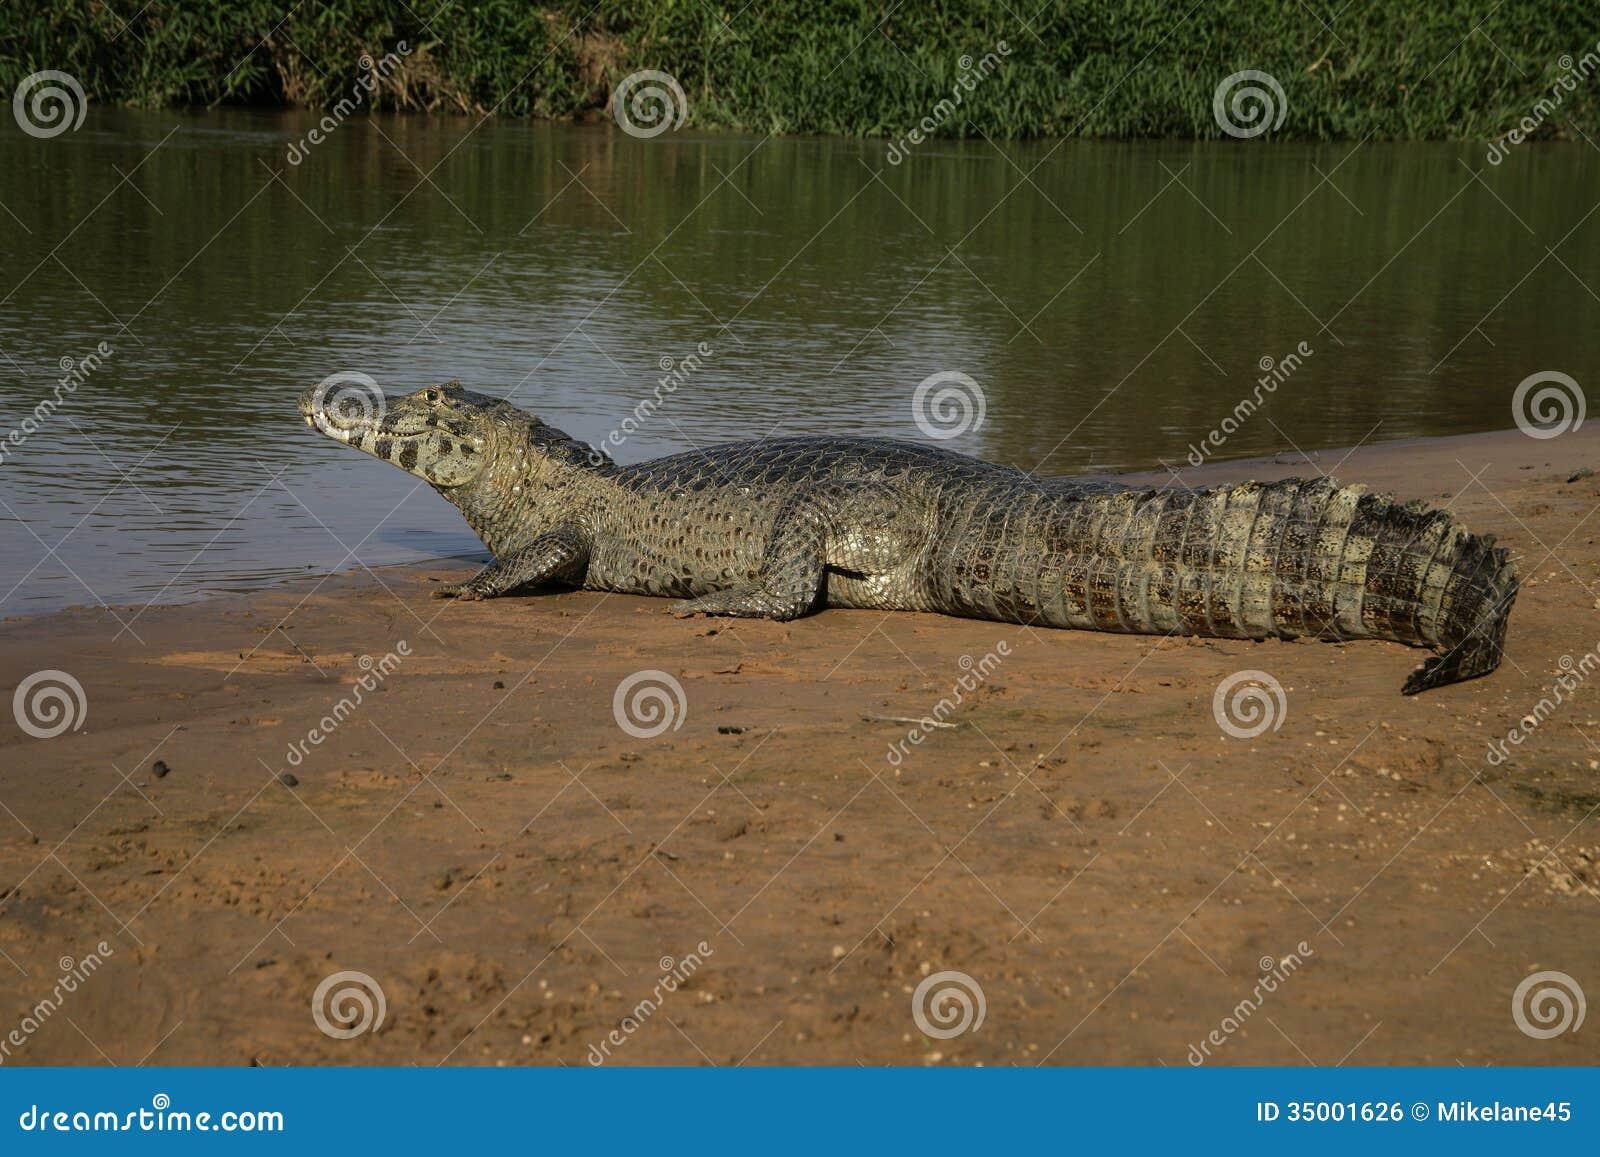 Caimano dagli occhiali, caiman crocodilus